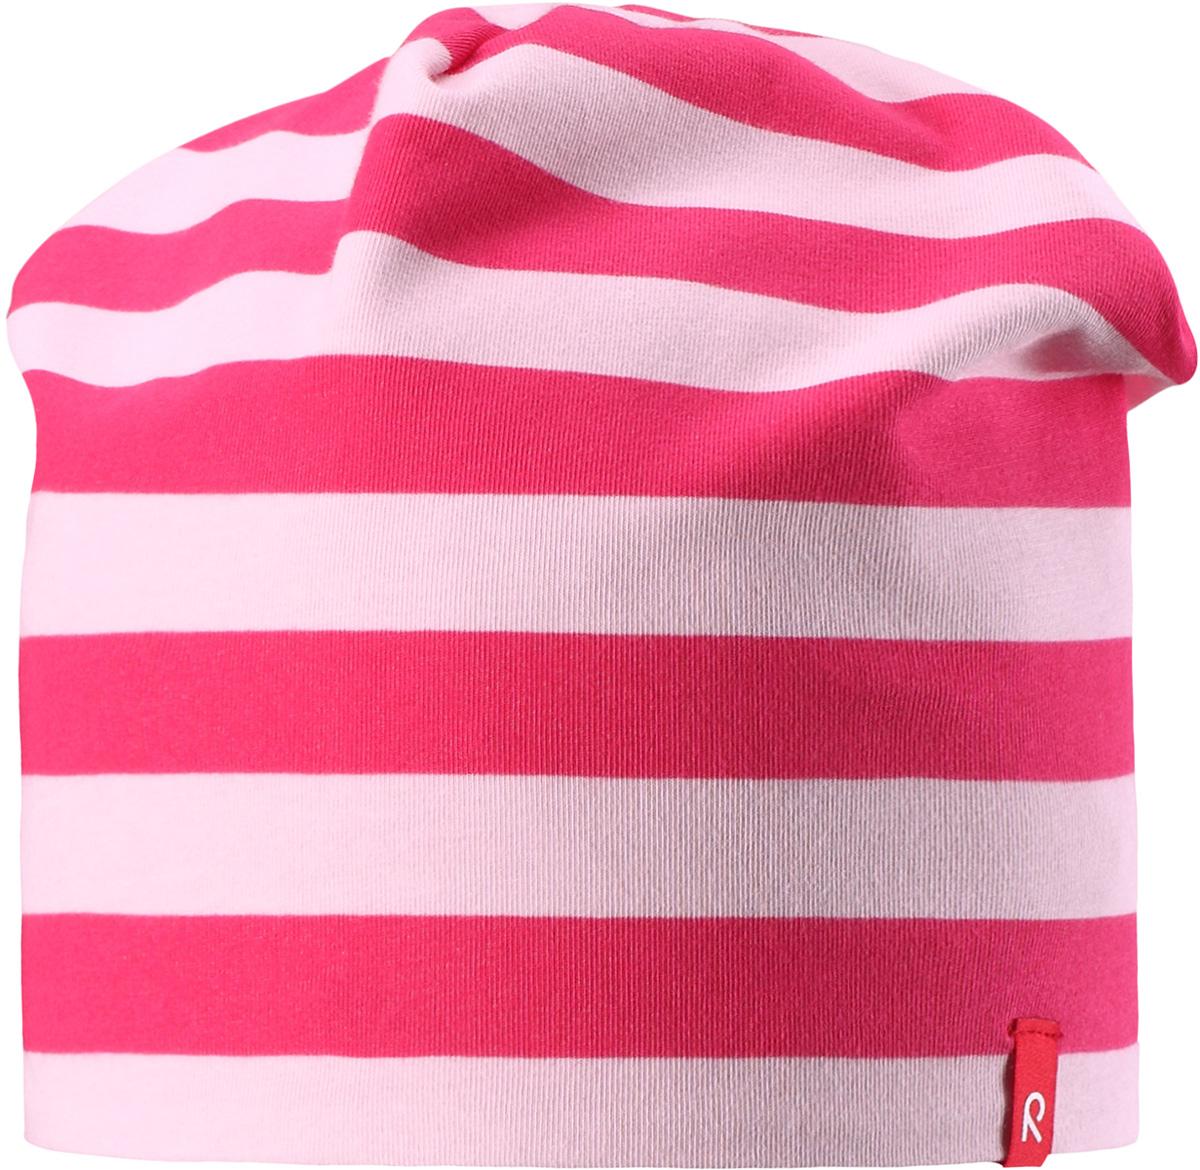 Шапка детская528515-8801Легкая шапка для малышей яркой расцветки с УФ-защитой 40+. Шапка изготовлена из дышащего и быстросохнущего материла Play Jersey, эффективно выводящего влагу с кожи. Двусторонняя шапка в одно мгновение превращается из разноцветной в однотонную!